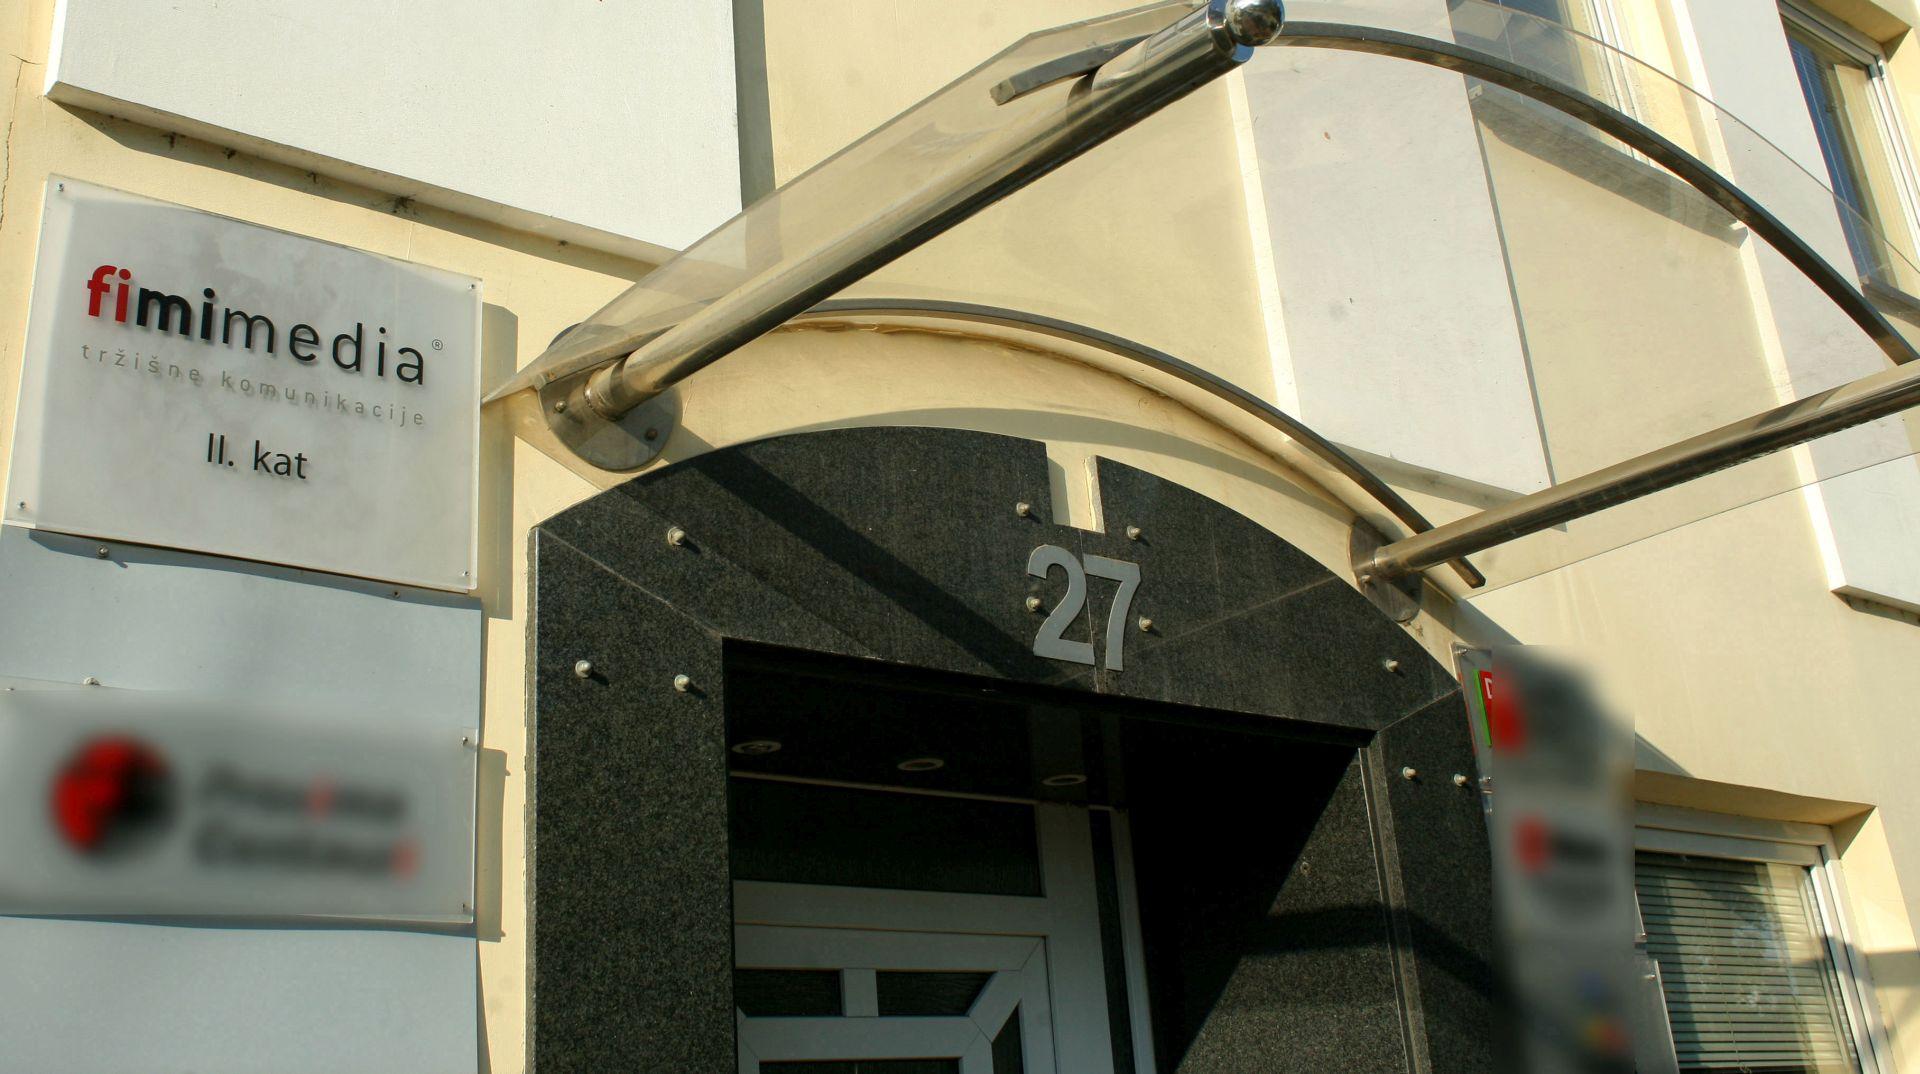 Otvaranje stečaja Fimi medie 17. siječnja iduće godine